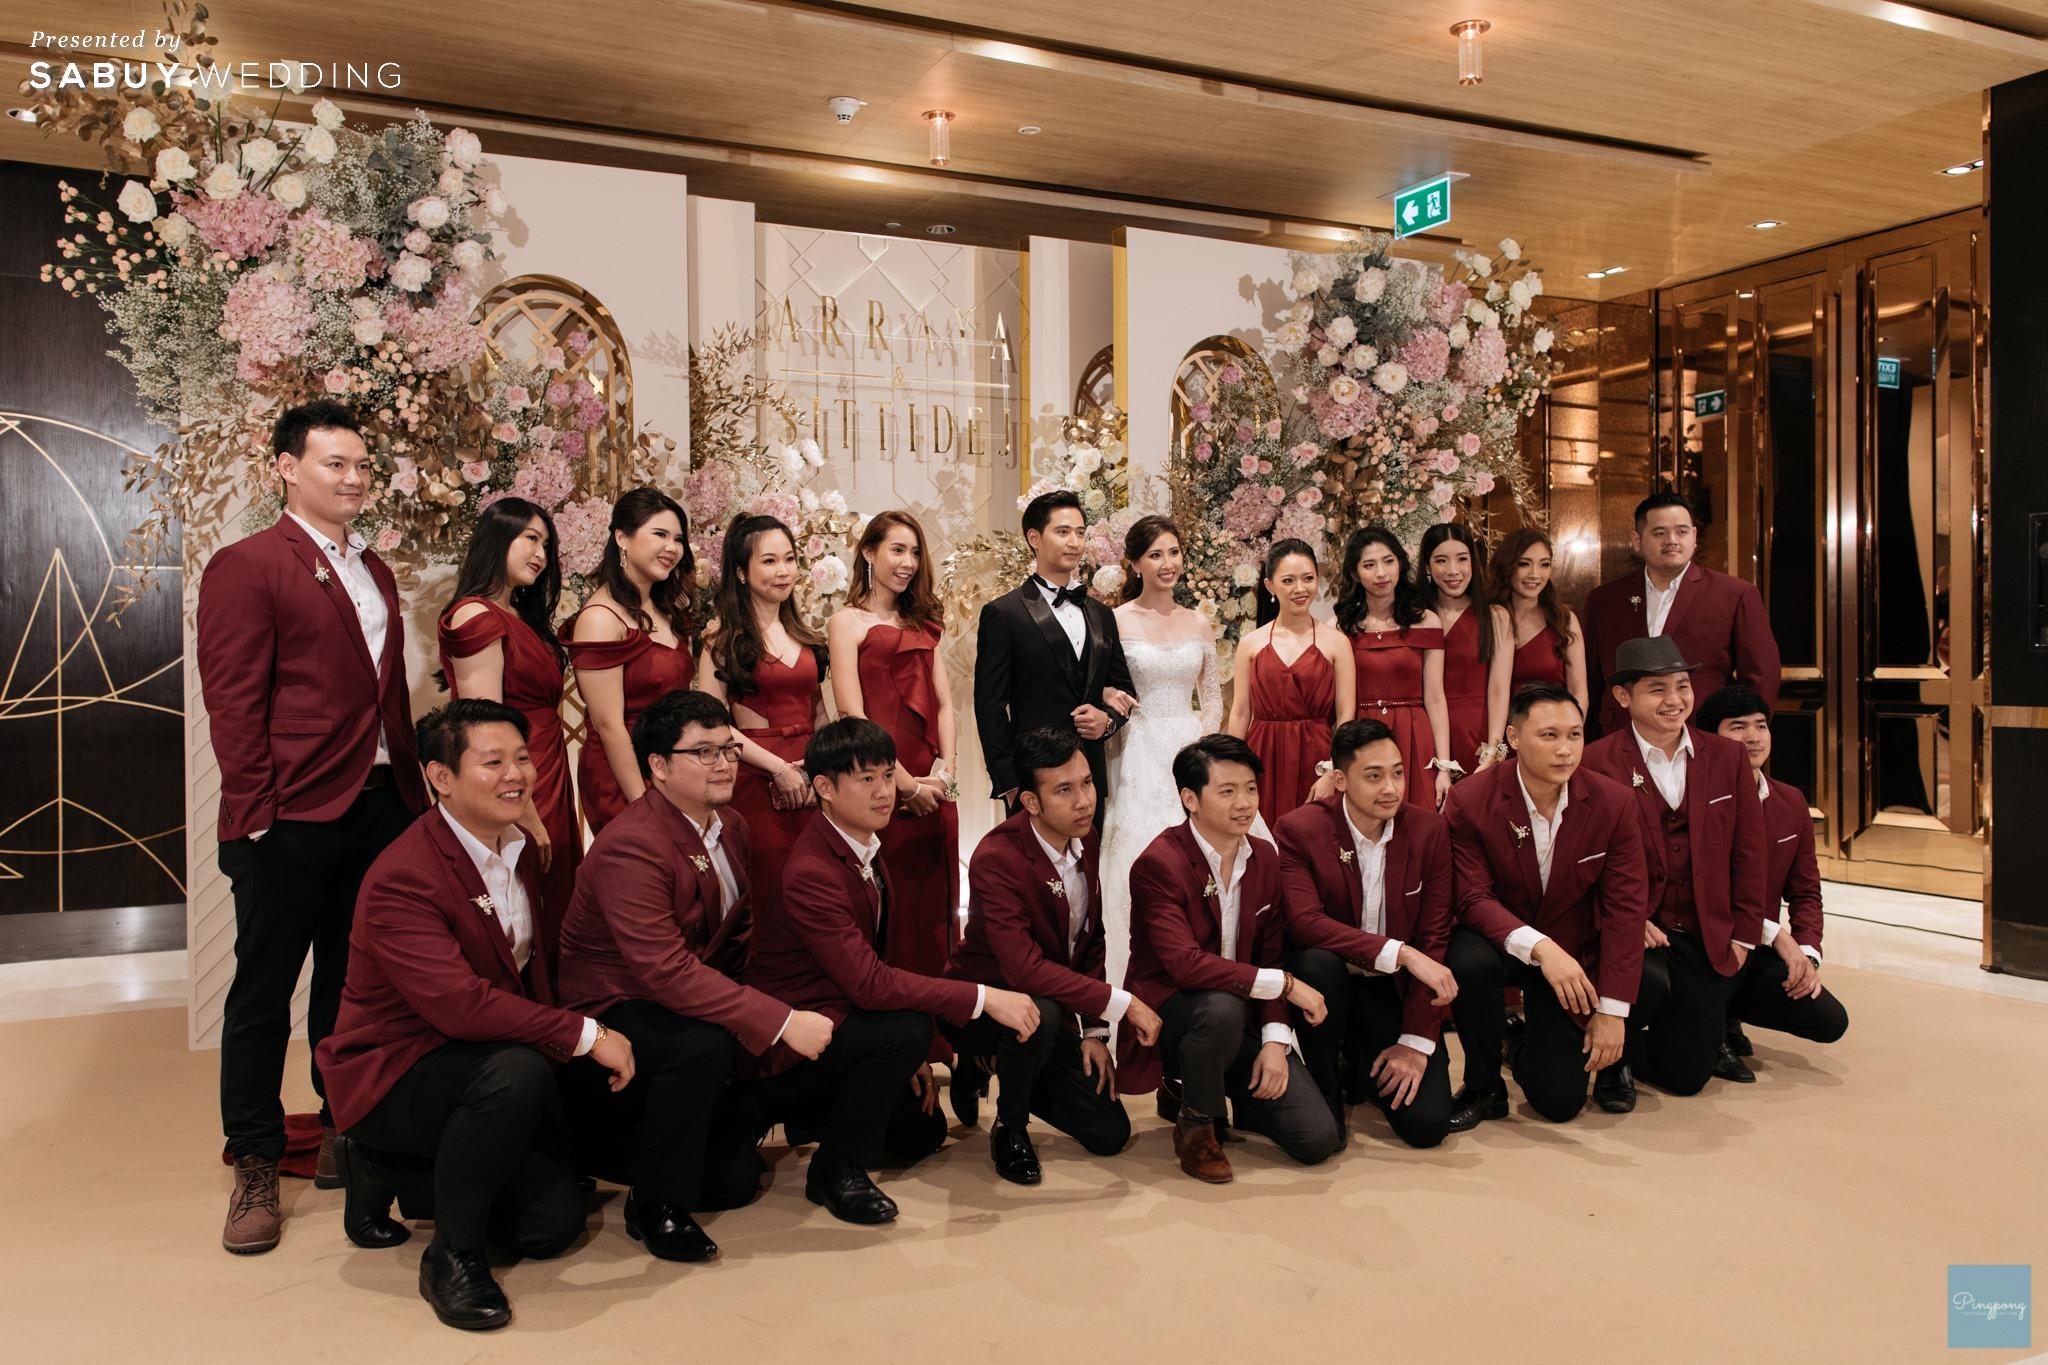 เจ้าบ่าว,เจ้าสาว,แต่งงาน,เพื่อนเจ้าสาว รีวิวงานแต่งโมเดิร์นหวานละมุน อบอุ่นในโทนครีมชมพู @ Hyatt Regency Bangkok Sukhumvit